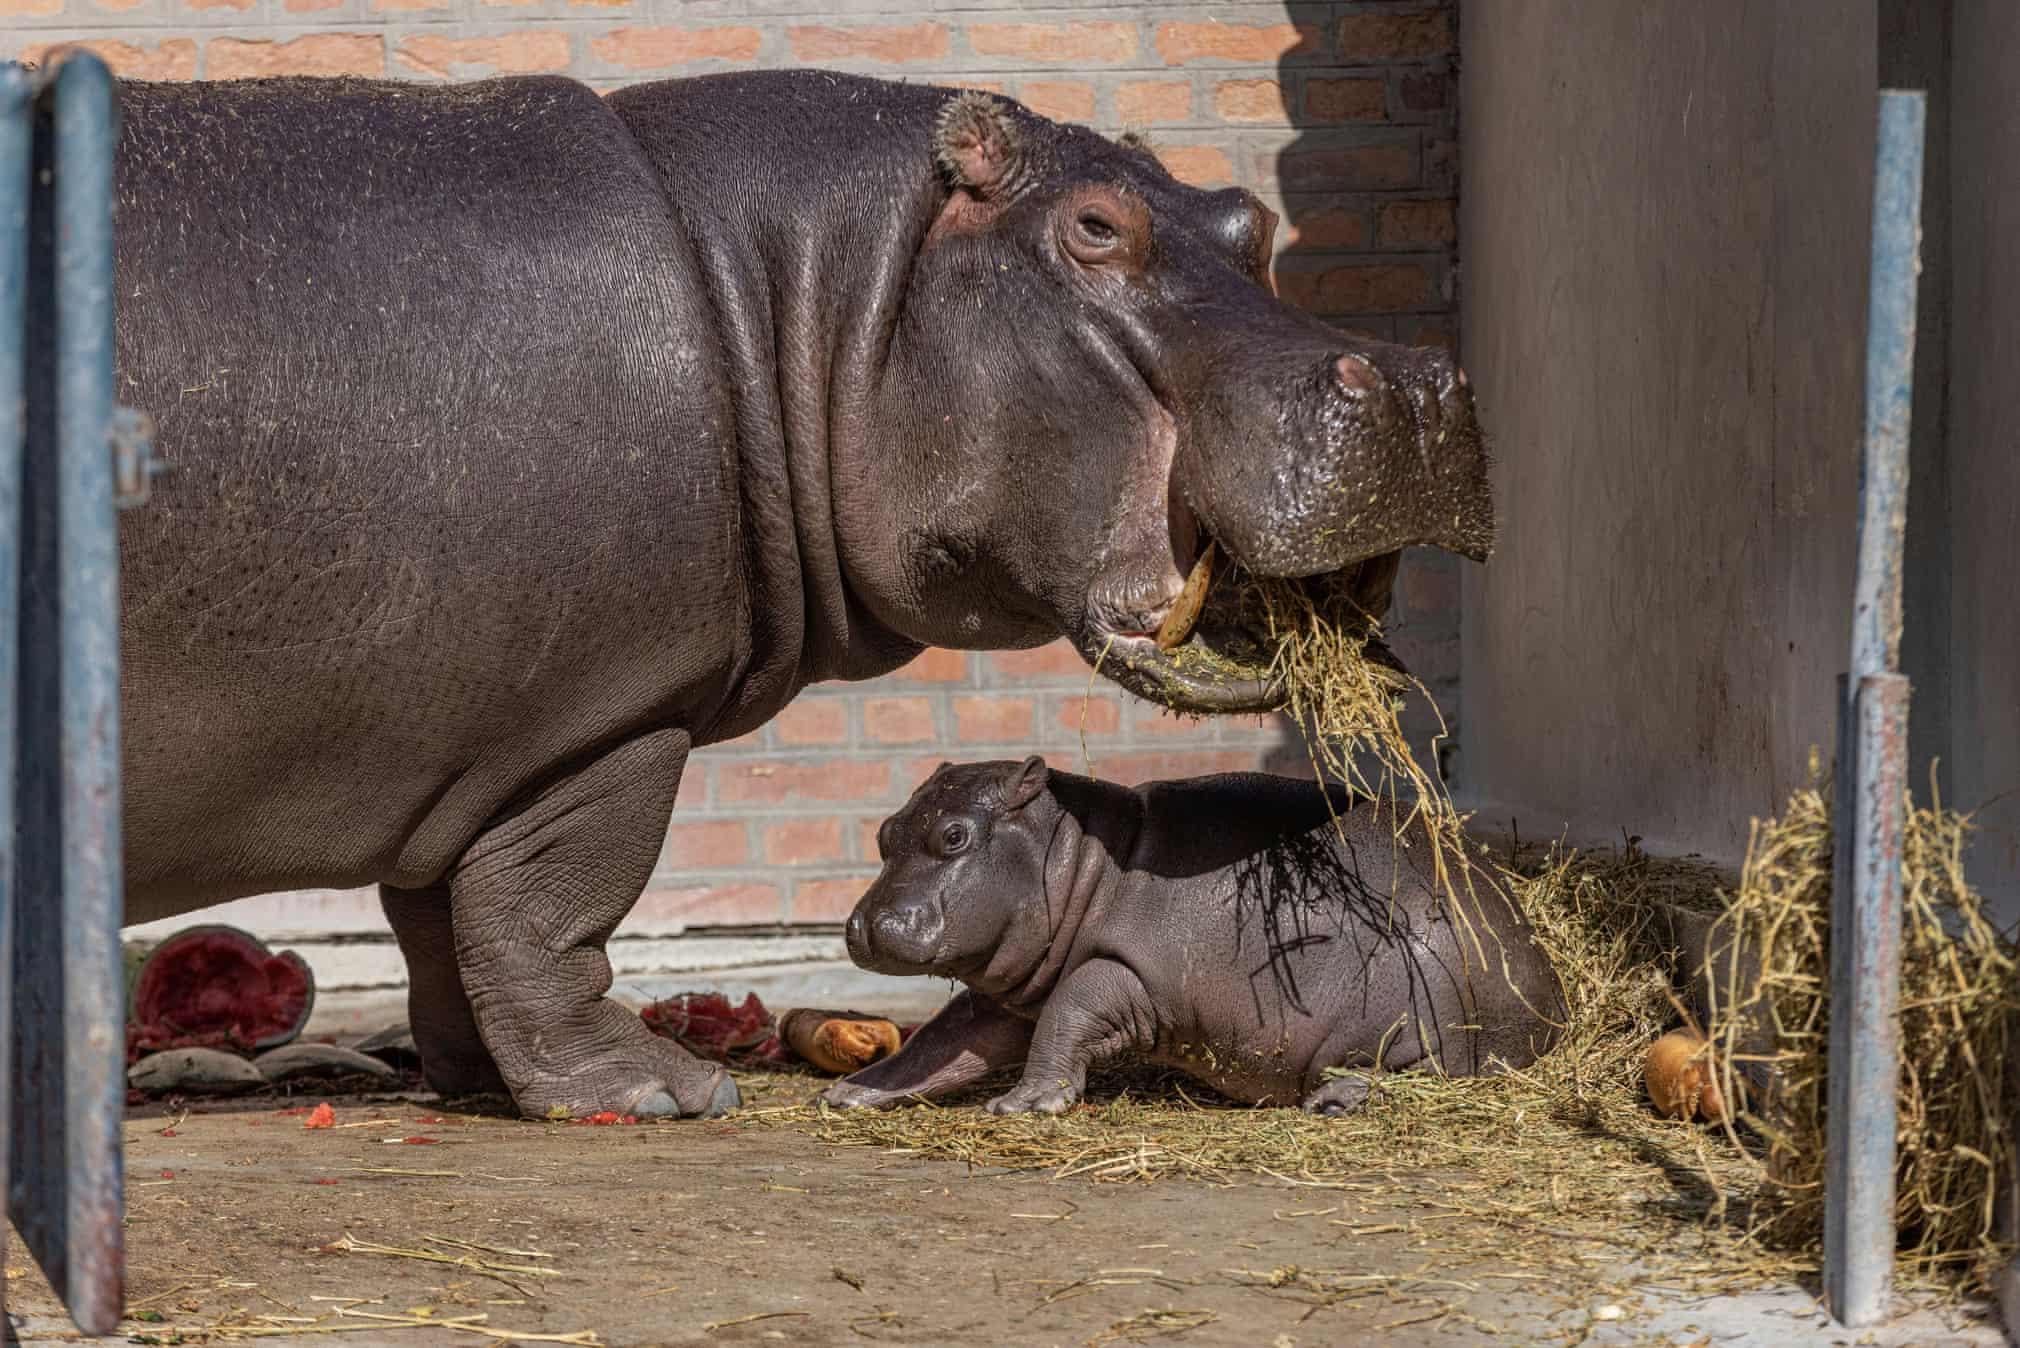 نمایی از اسب آبی و فرزندش در باغ وحش بلگراد + عکس